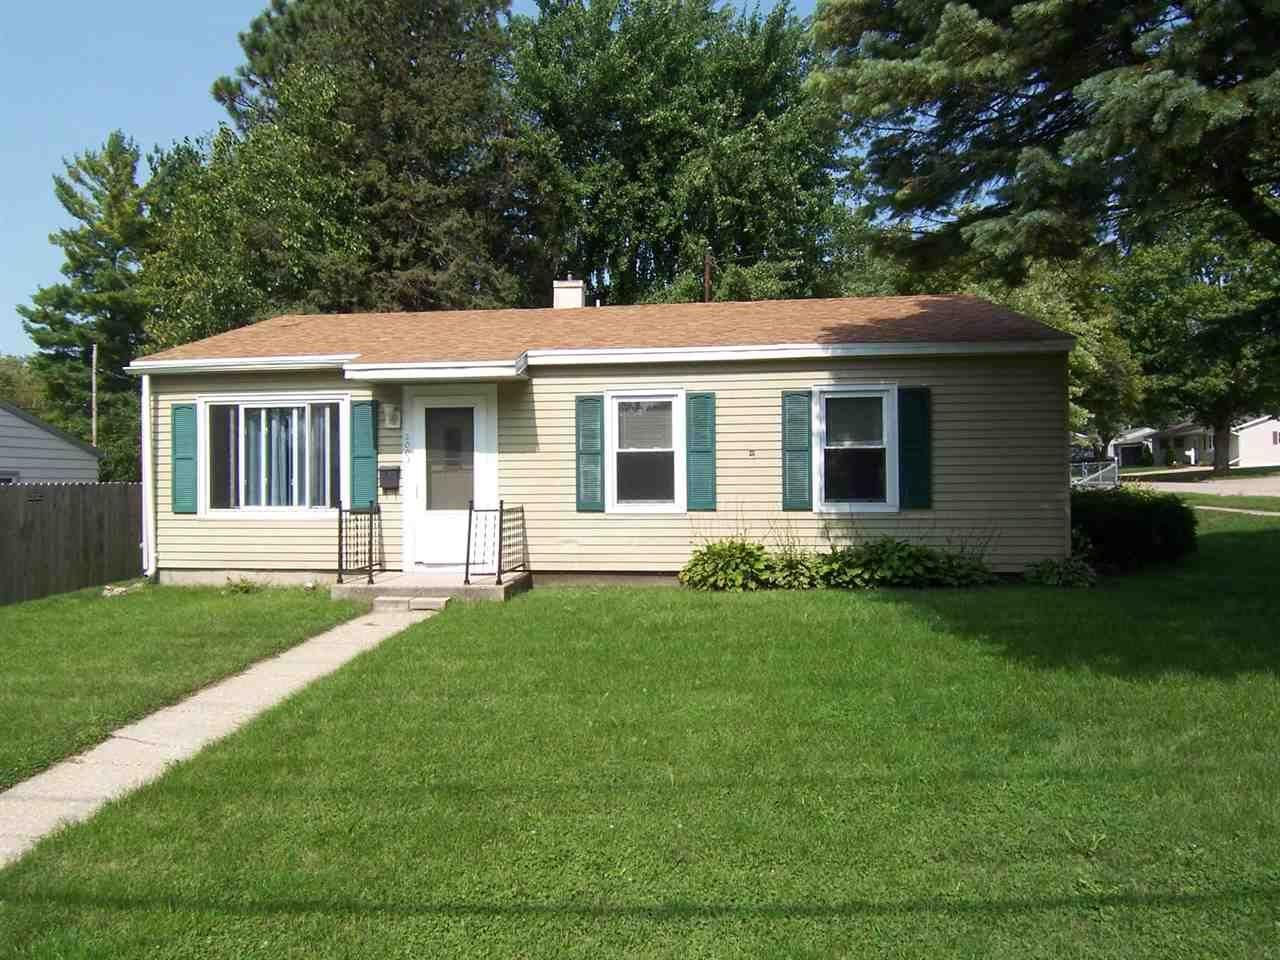 2003 House St, Beloit, WI 53511 - #: 1893750